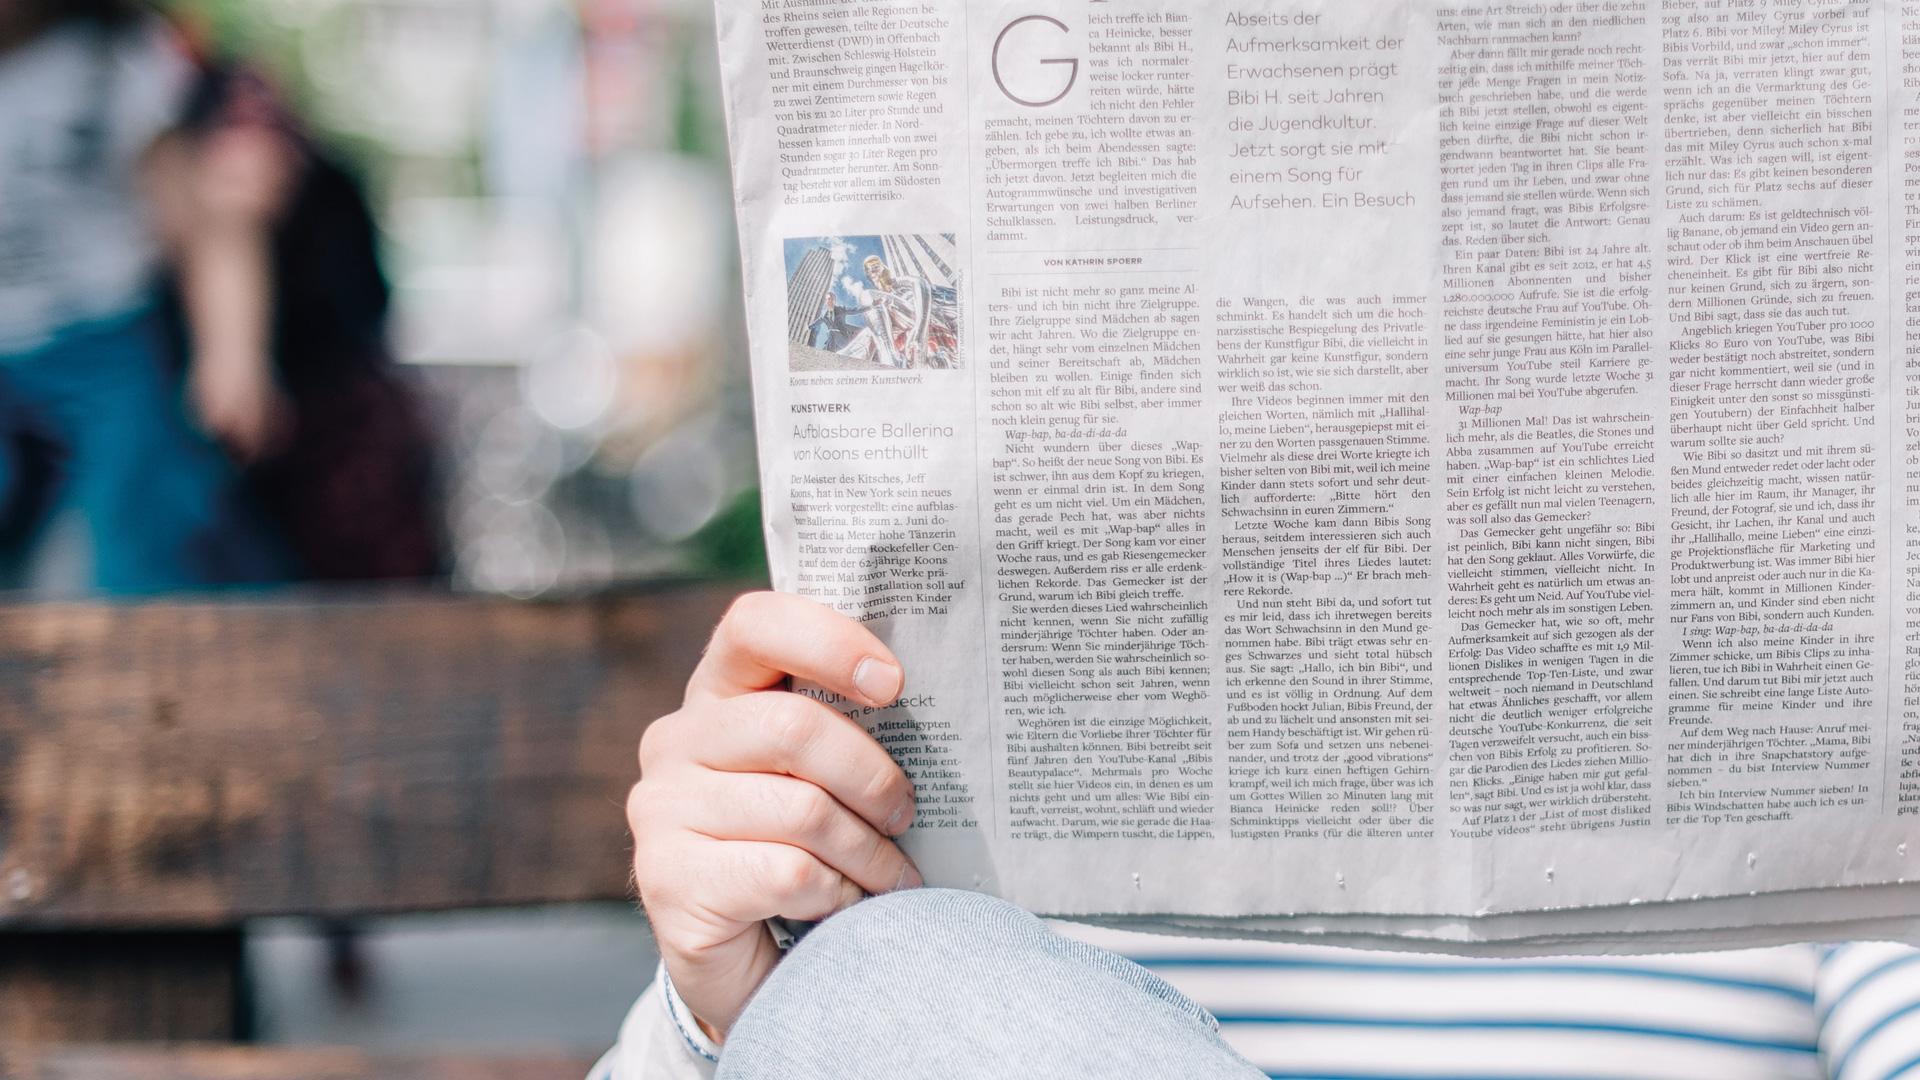 Sobre los factores de riesgo, los titulares de prensa, determinismos y medias verdades